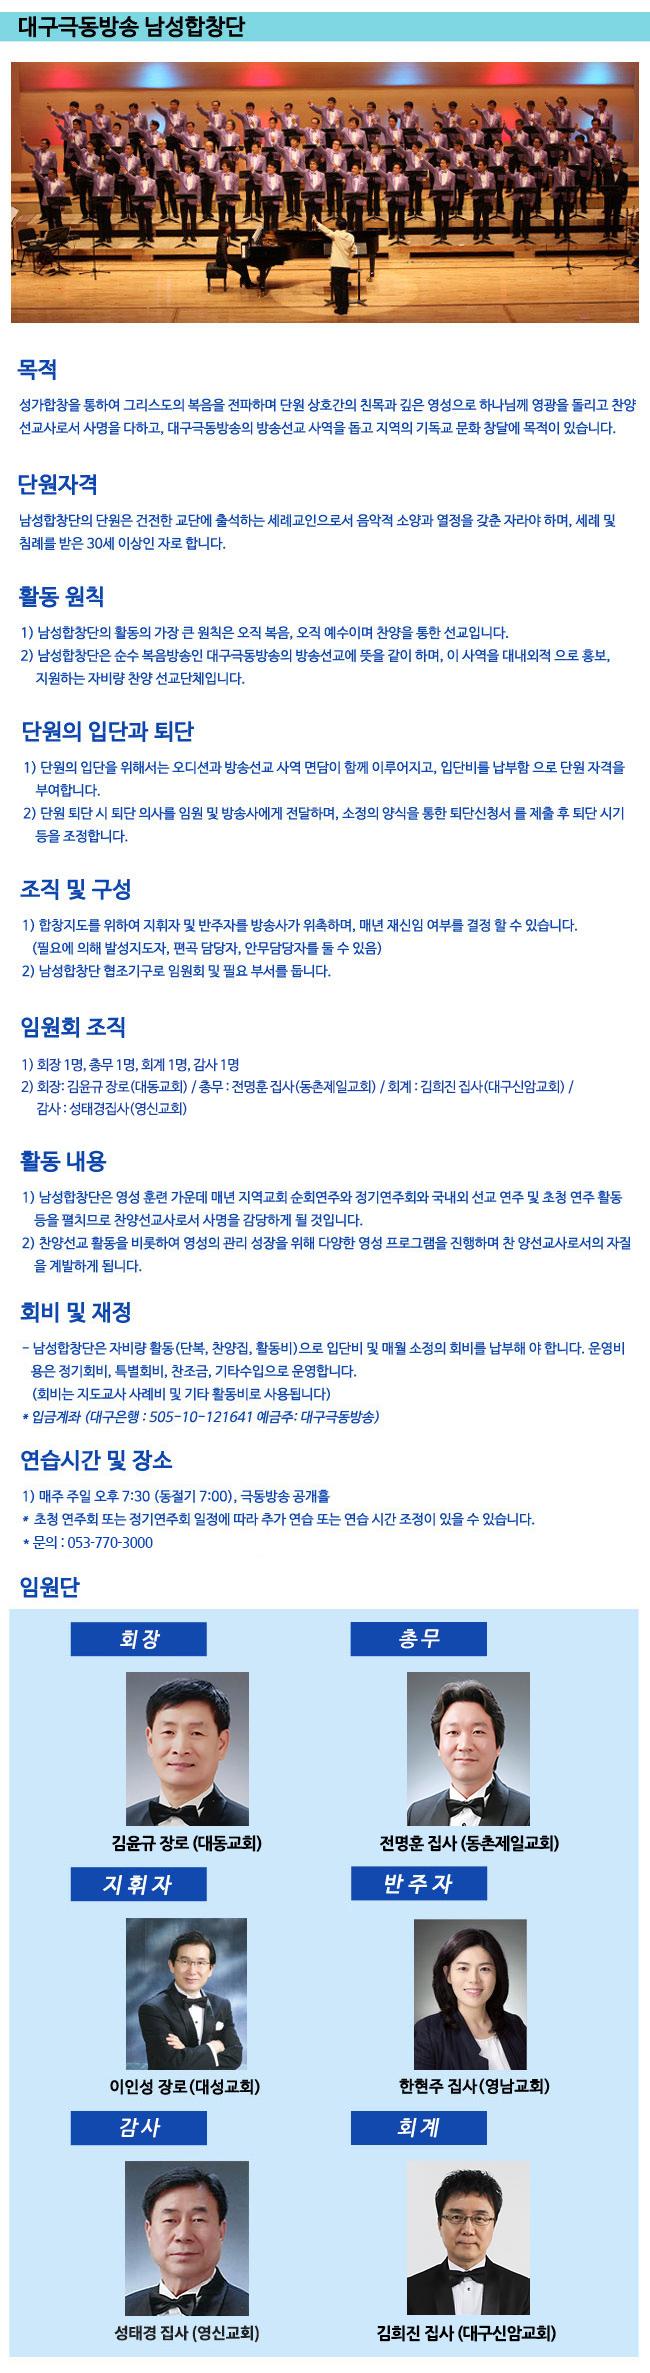 대구극동방송_남성합창단_임원단.jpg